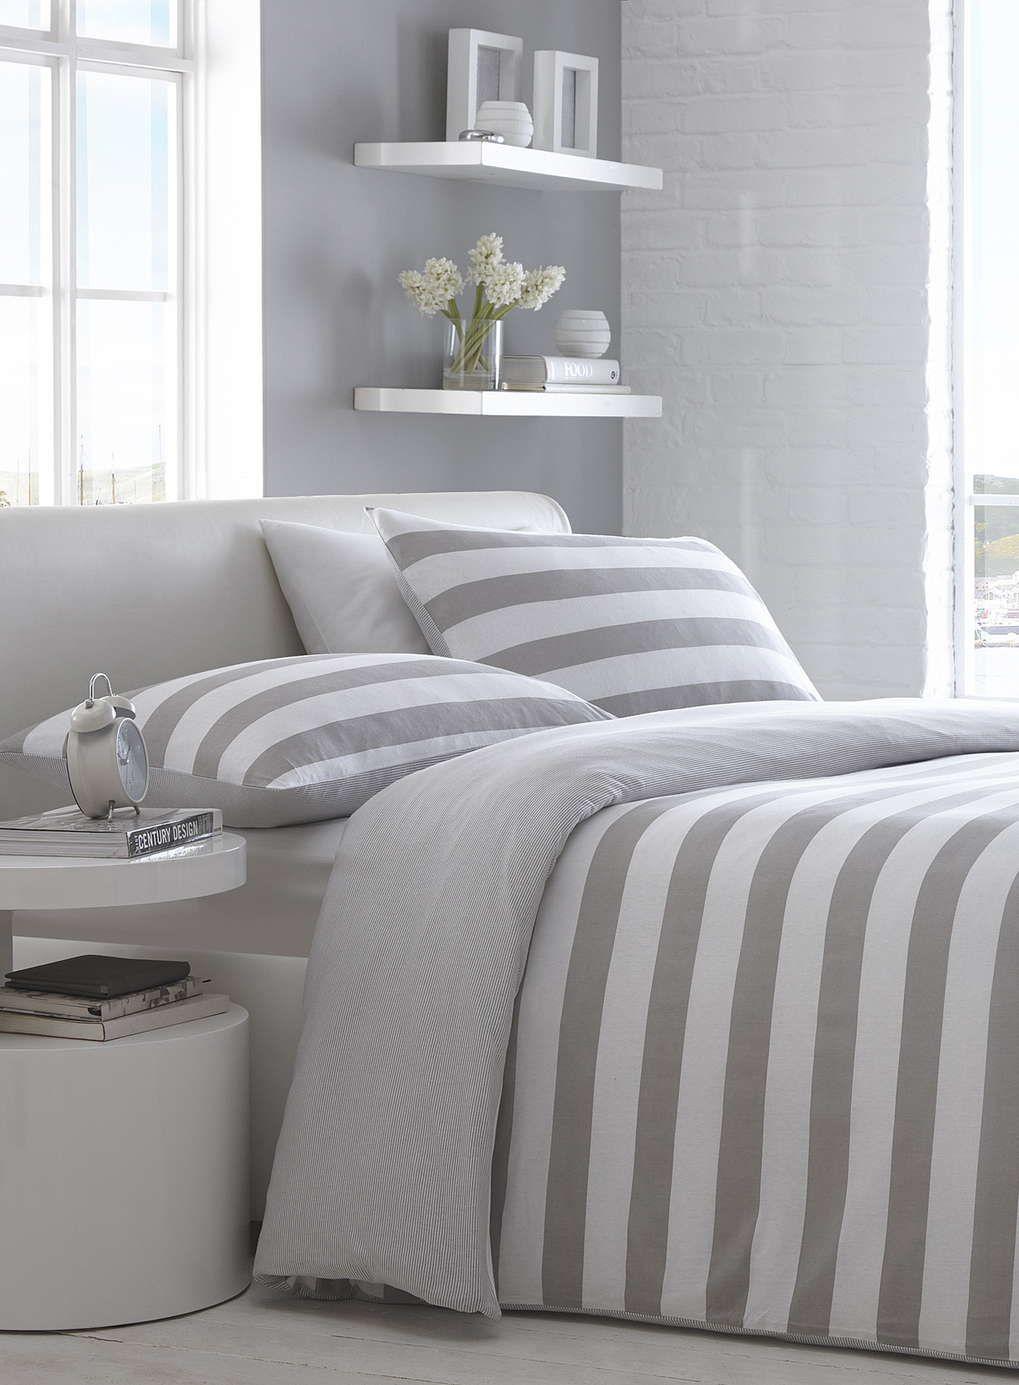 Natural Wide Stripe Jersey Bedding Set Duvet bedding